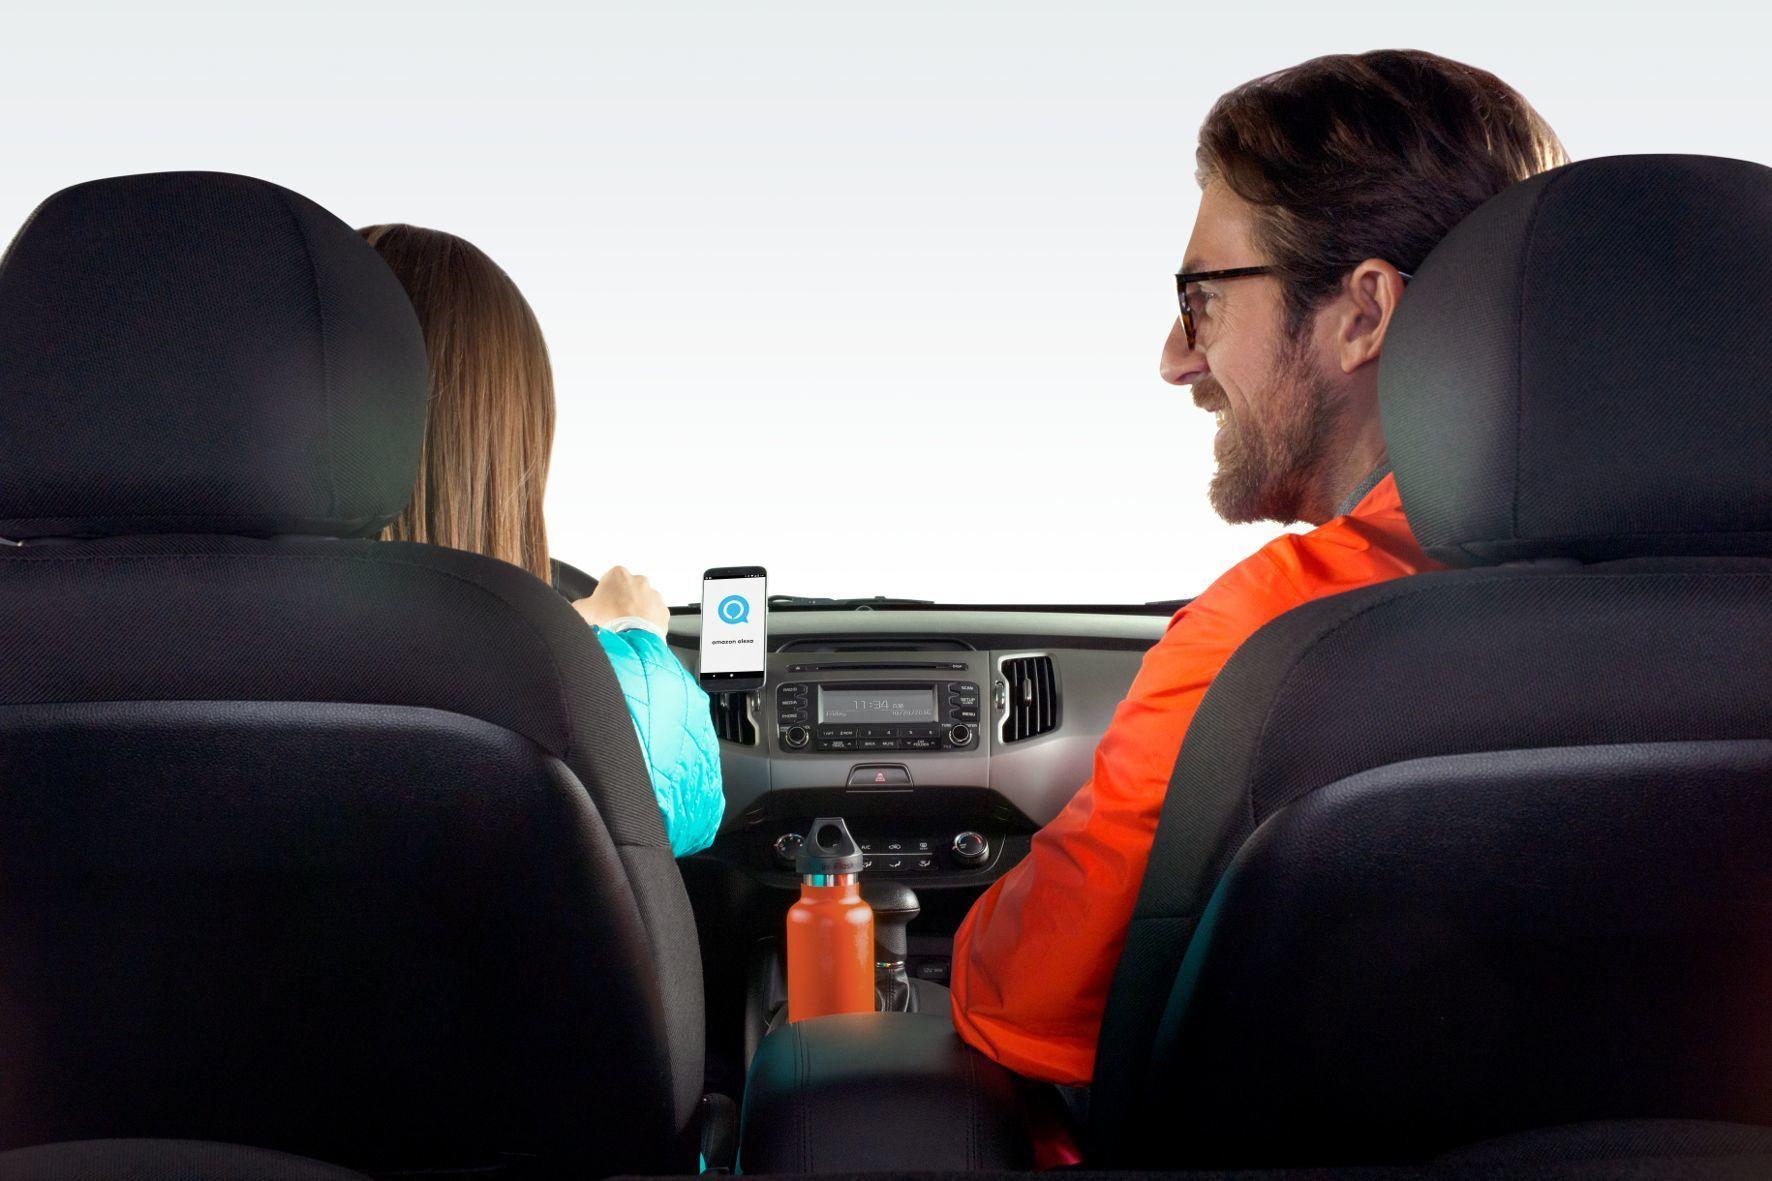 mid Groß-Gerau - Mit der intelligenten Smartphone-Halterung von Logitech eliminiert der Fahrer eine Ablenkungsquelle, denn durch Amazons Alexa hört das Gerät auf Sprachbefehle.